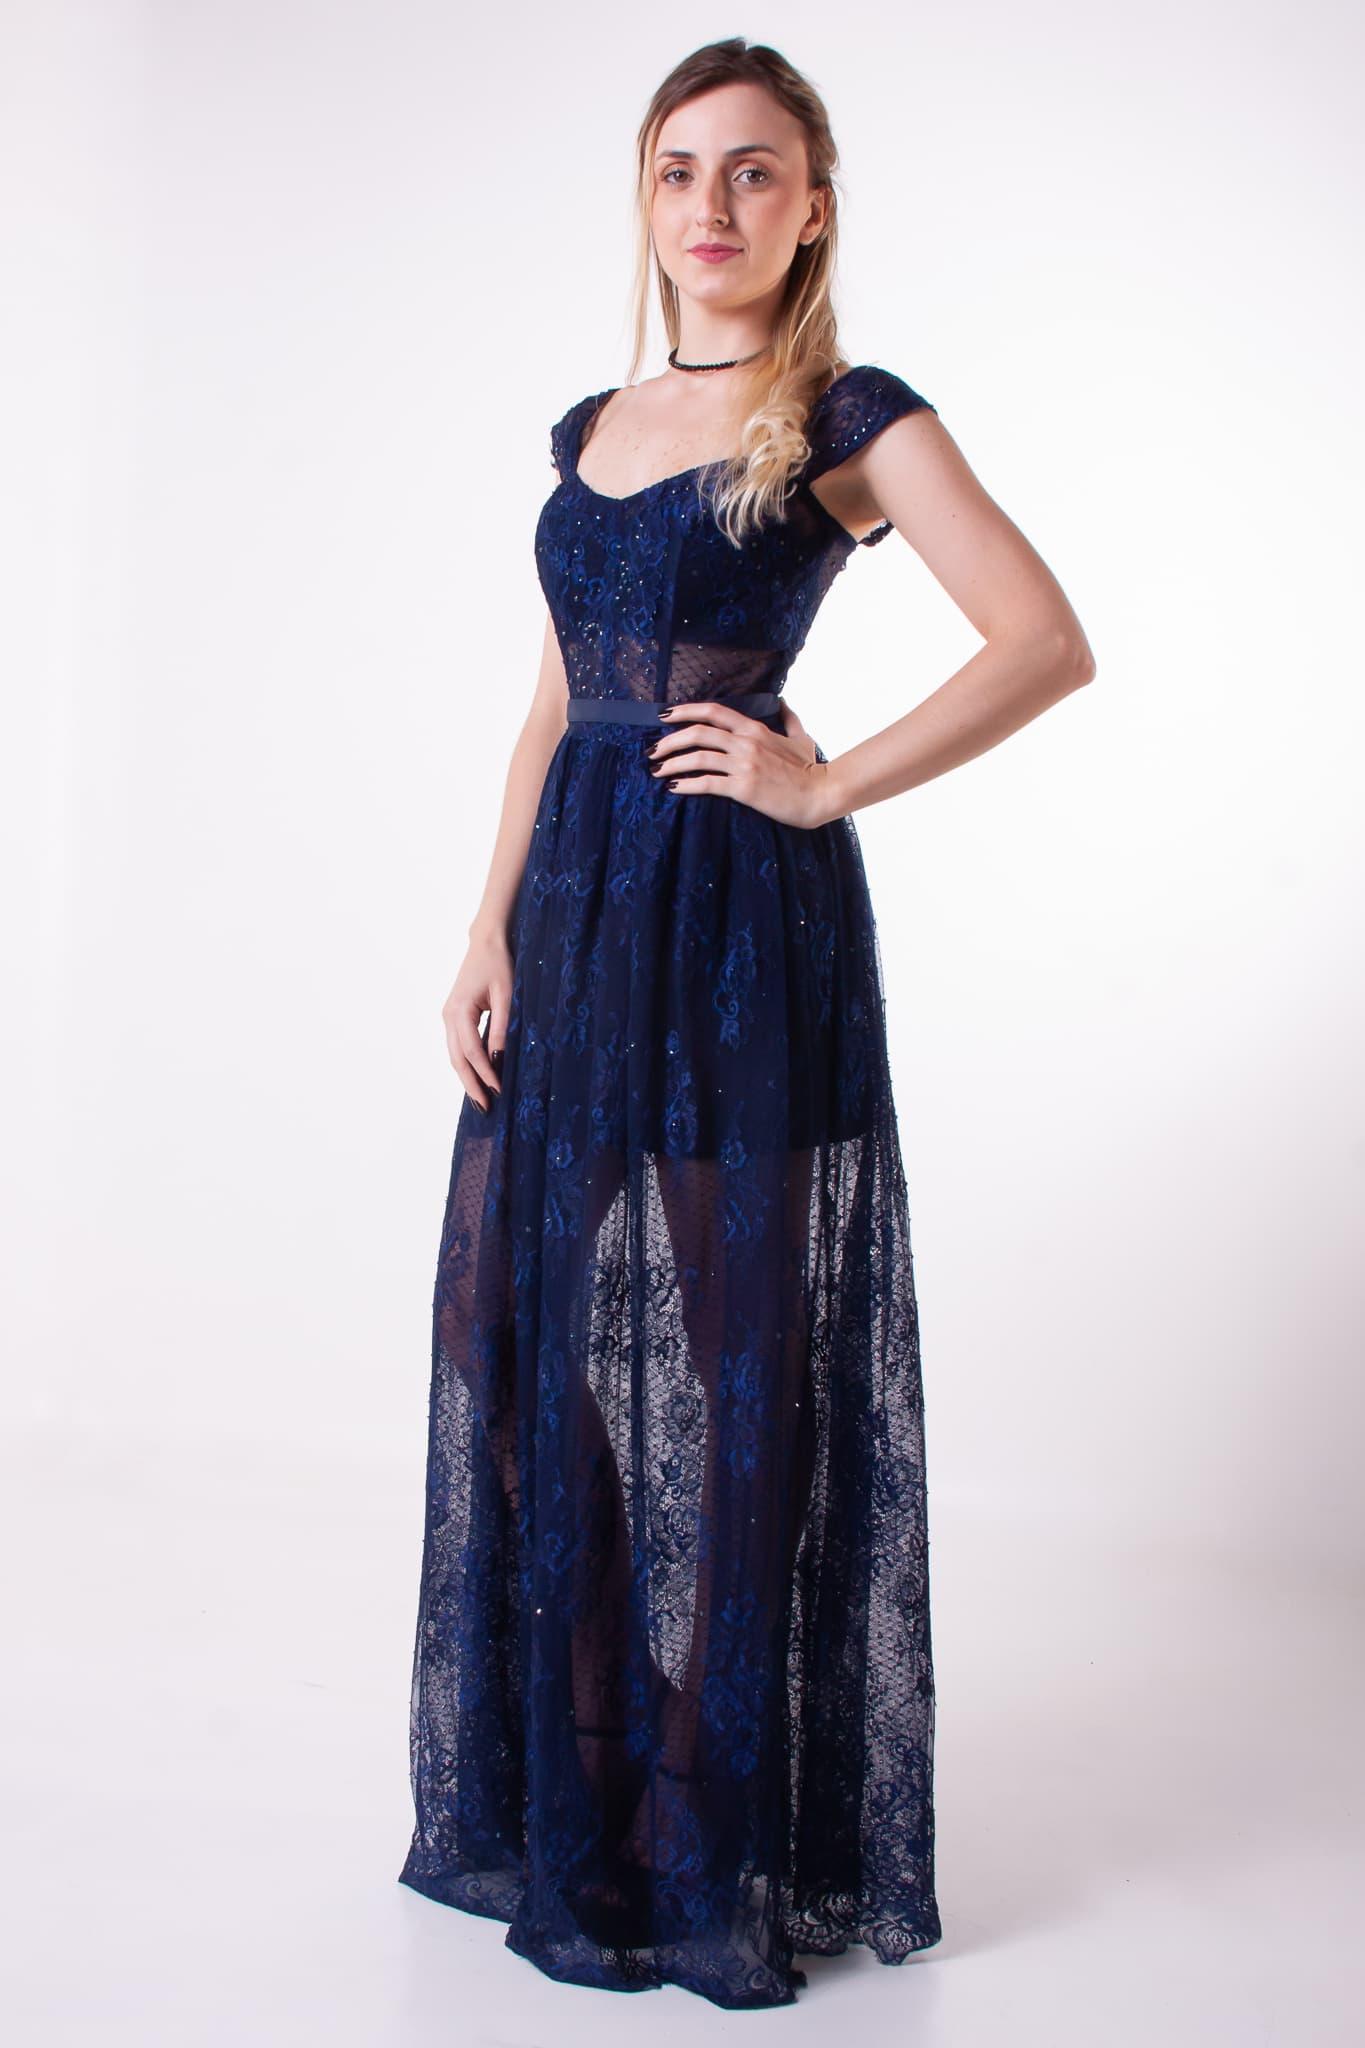 72 - Vestido azul marinho de renda com cinto estilo Dior